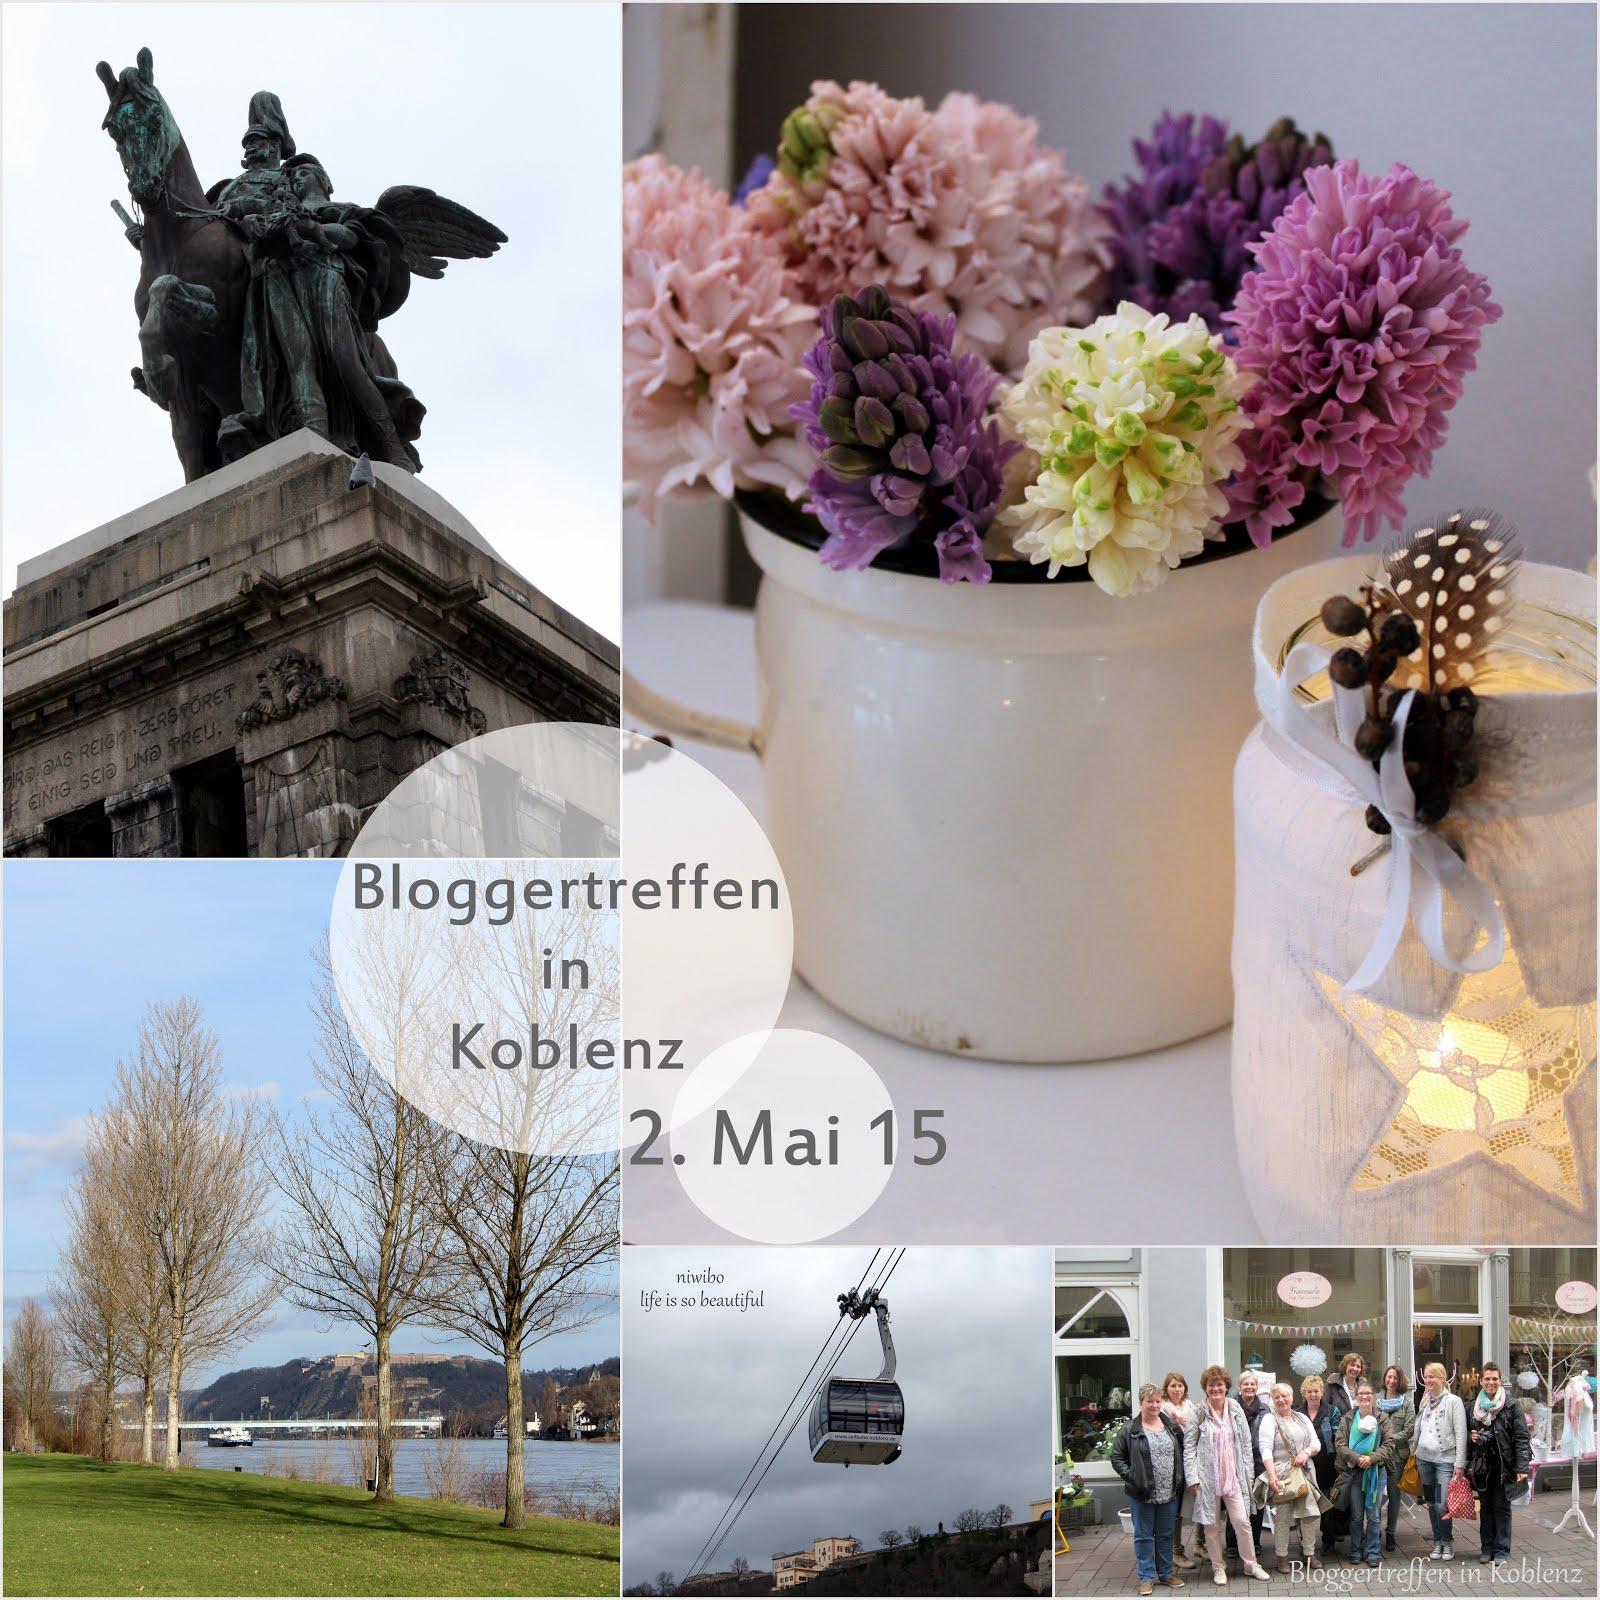 Bloggertreffen in Koblenz 2015